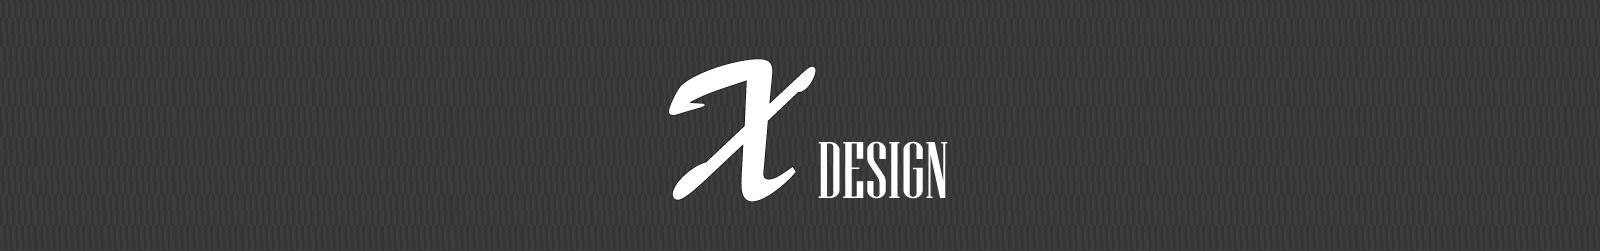 x-design